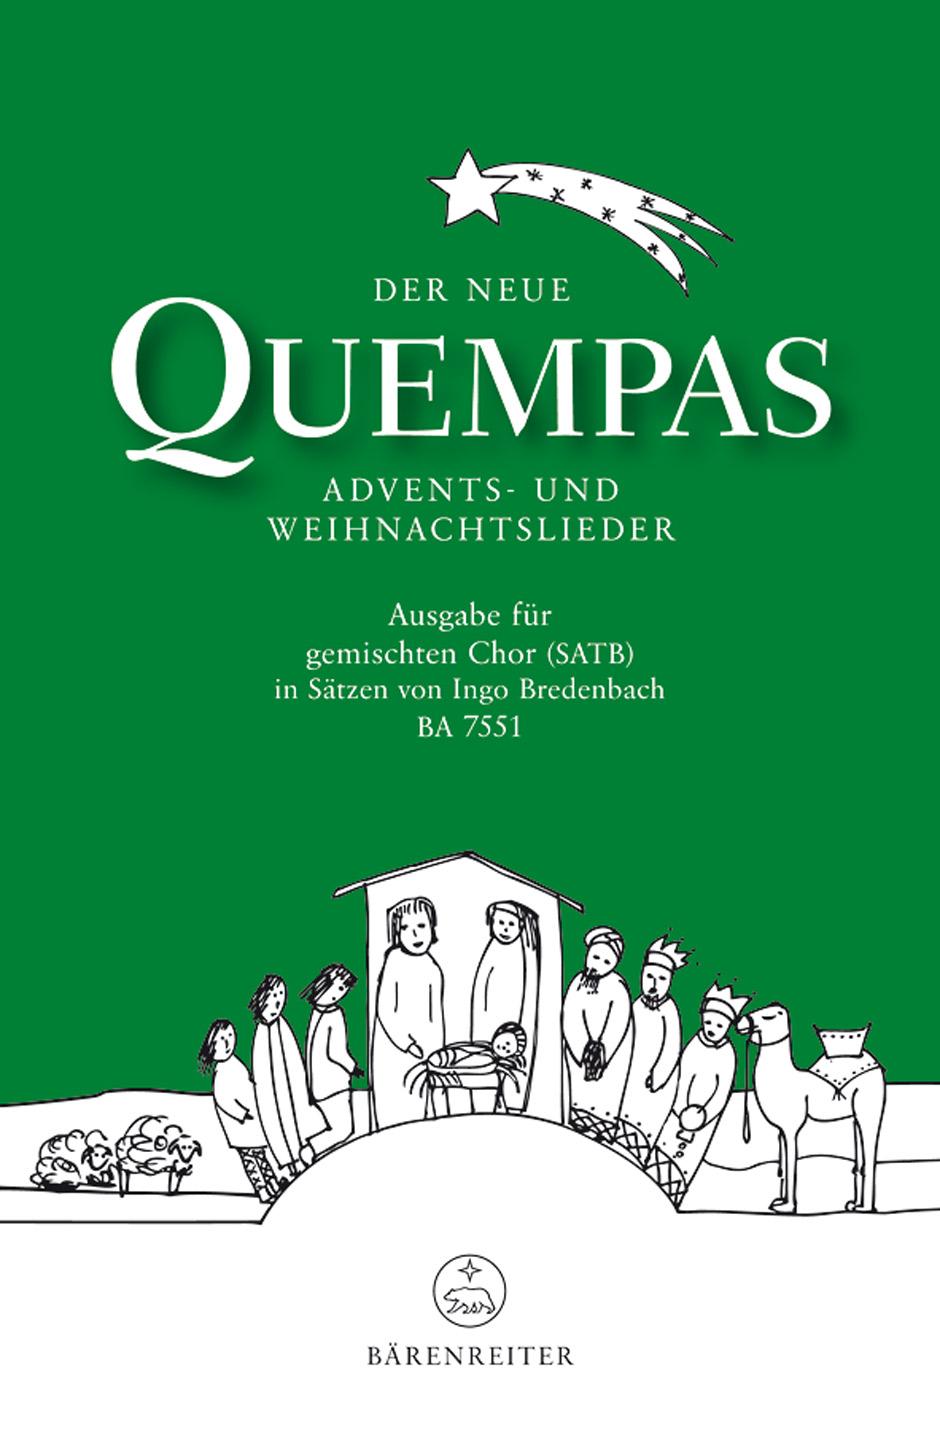 Der neue Quempas. Advents- und Weihnachtslieder / Bärenreiter Verlag